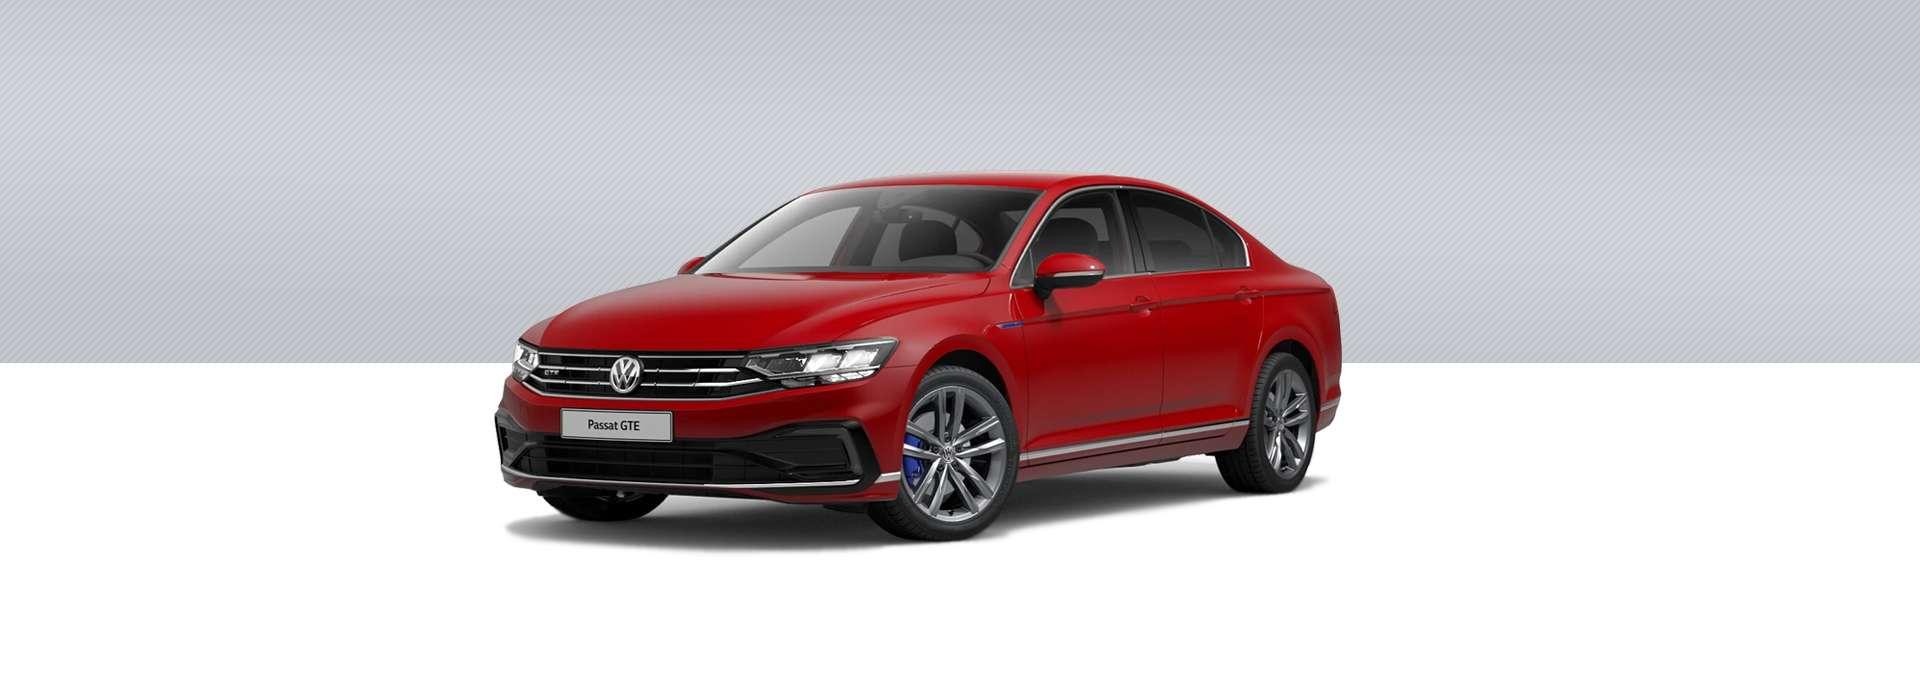 Volkswagen Nuevo Passat GTE